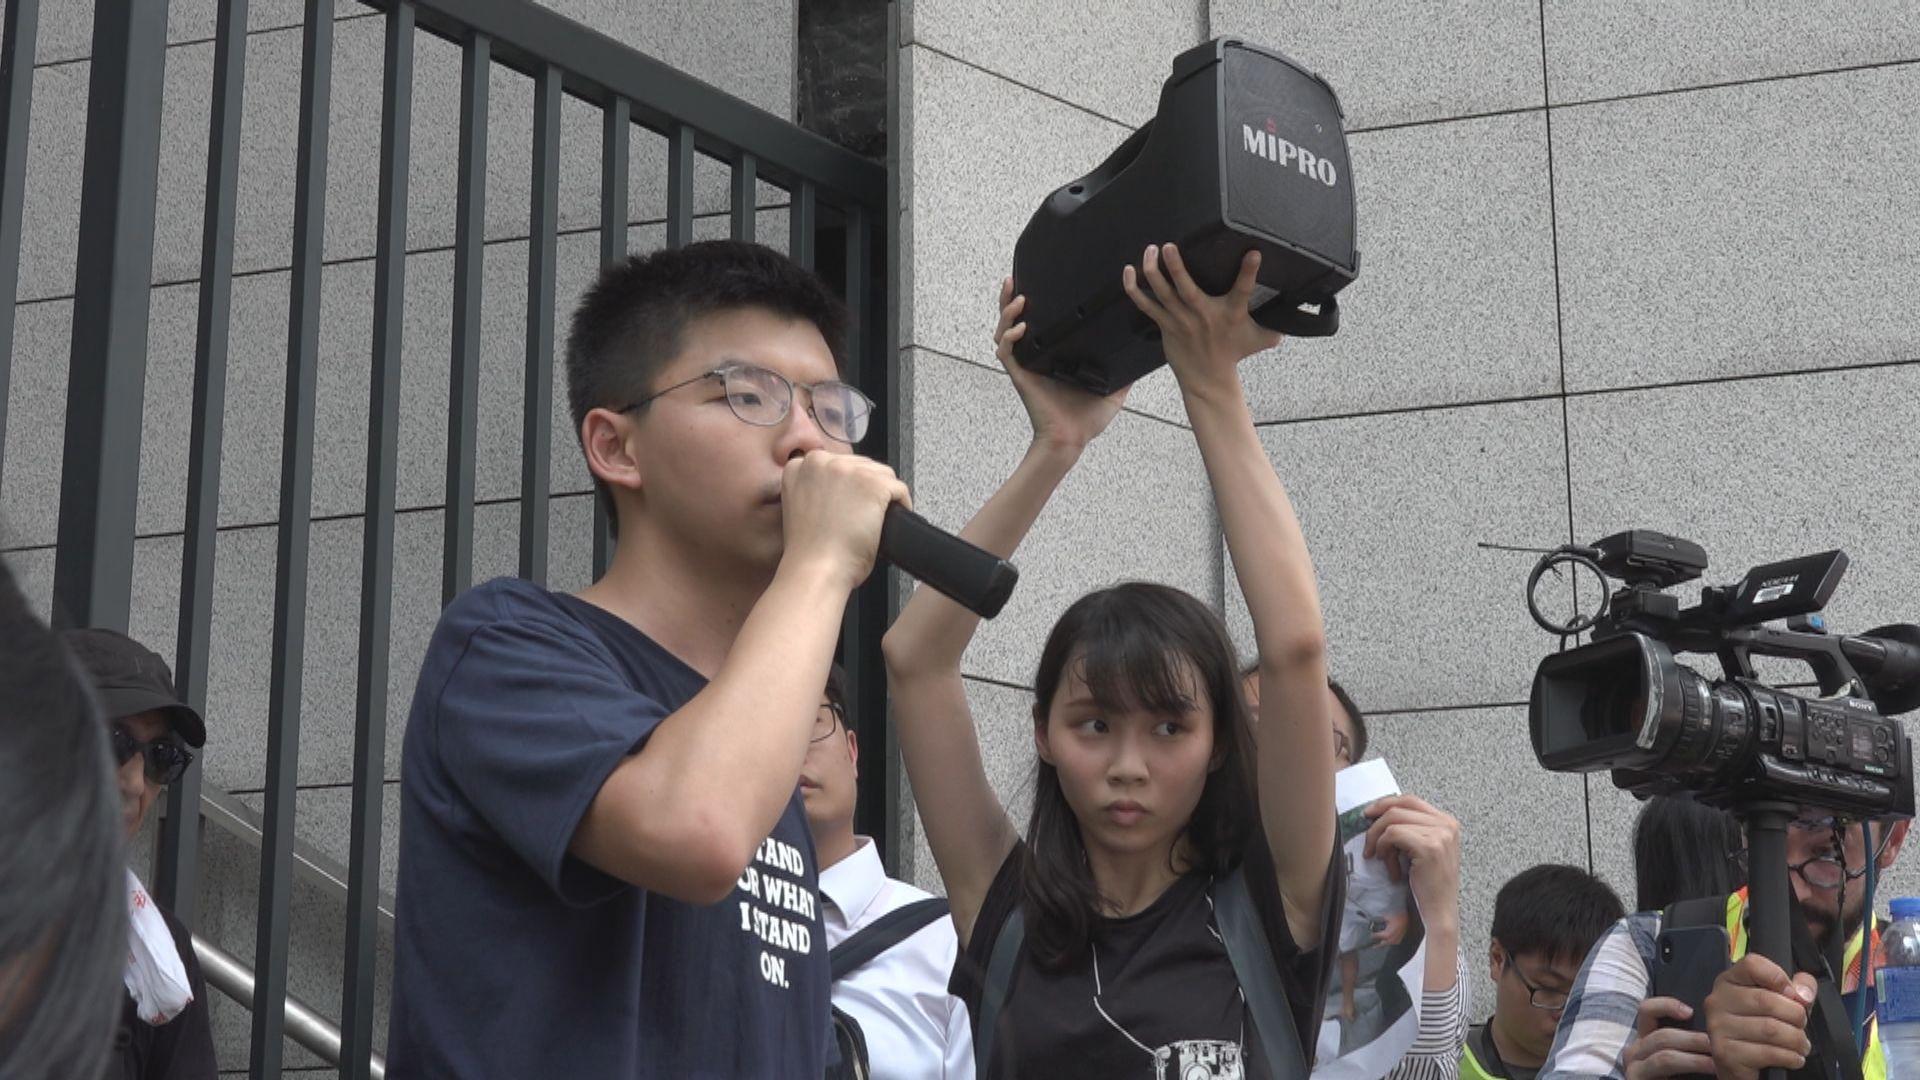 去年621包圍警總 法庭裁定黃之鋒周庭及林朗彥煽惑非法集結等罪成